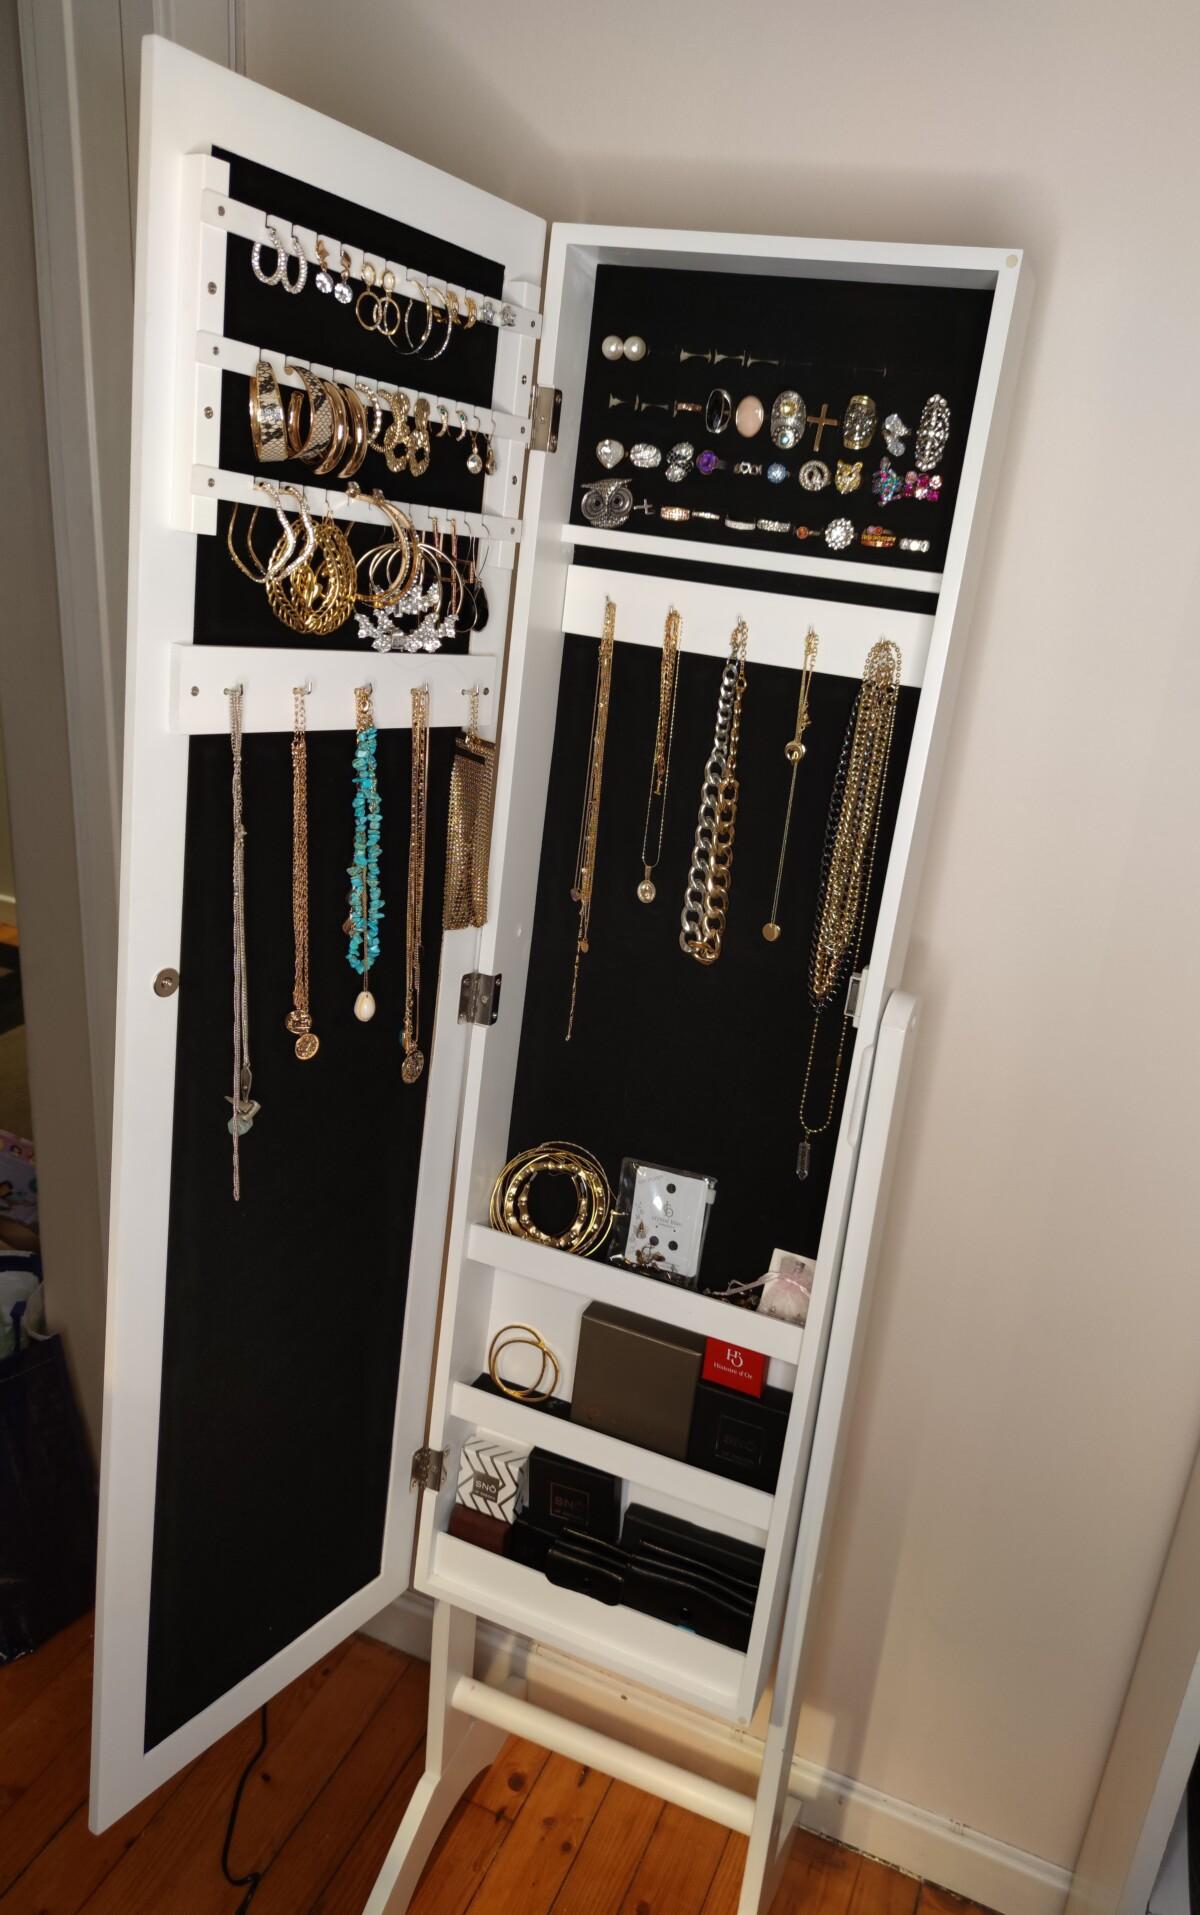 smykker-smykkeskap-smykkestav-smykkestativ-smykkeskrin-smykkeholder-smykke-smykketre-klokker-armbånd-ankelsmykker-ringer-gull-sølv-guess-louisvuitton-heuer-dg-neckontheline-smykkeoppbevaring-oppbevaring